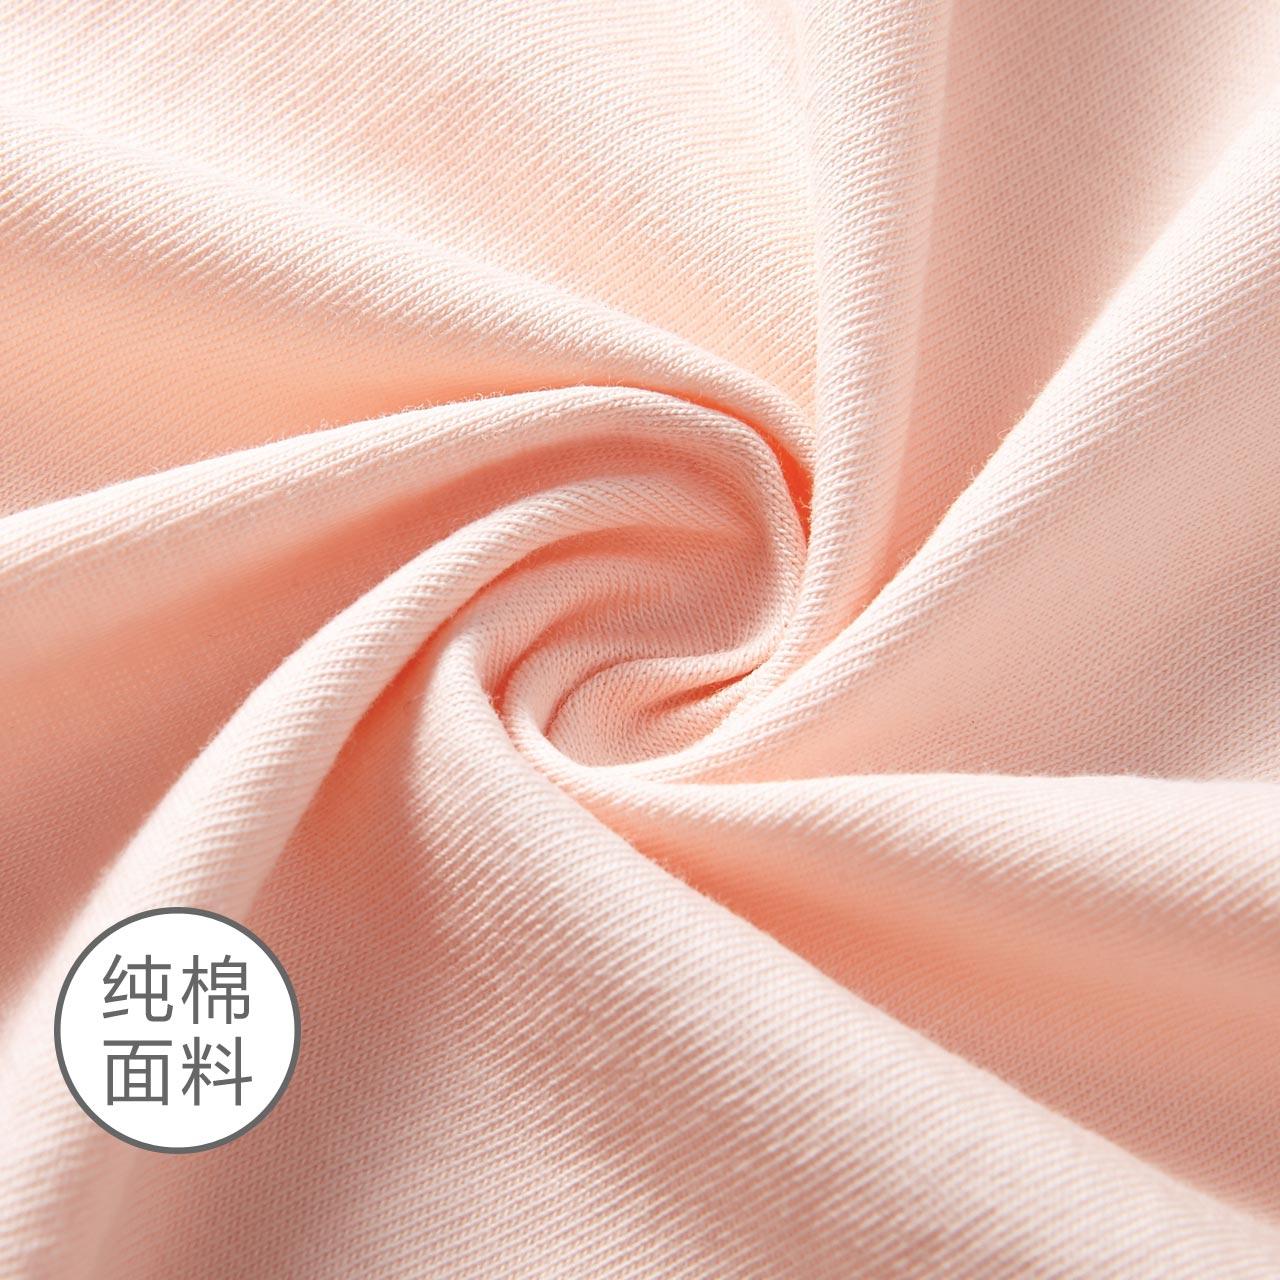 加一尚品睡衣男女款夏季 长袖休闲纯棉家居服情侣套装T47-005